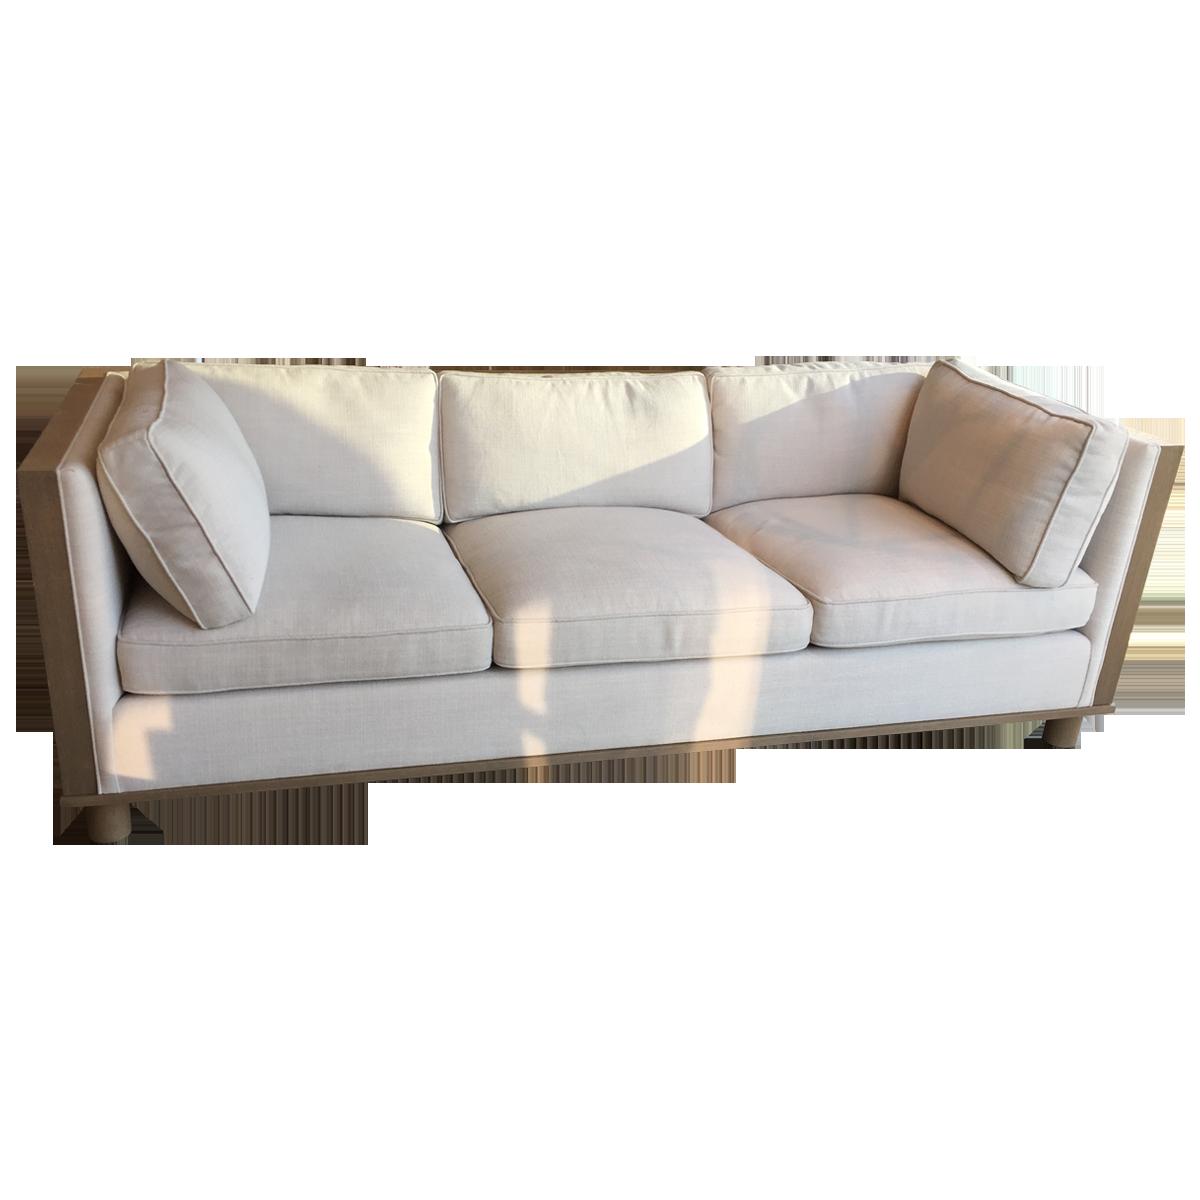 London Sofa Upscale